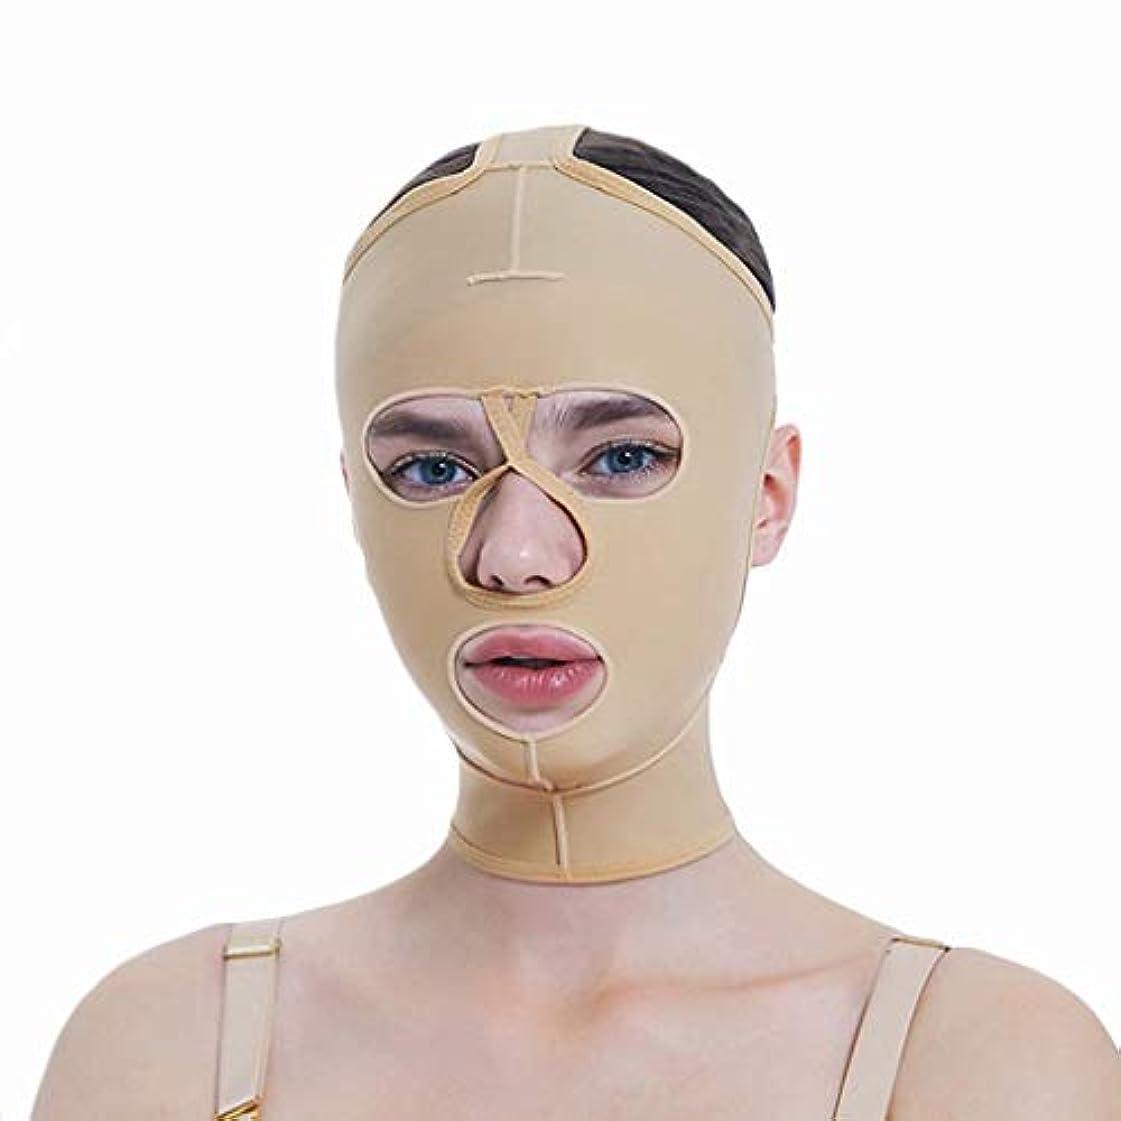 拮抗ホーン戦術フェイシャル減量マスク、フルカバレッジ包帯、フルフェイスリフティングマスク、フェイスマスク、快適で リフティングシェーピング(サイズ:S),XL